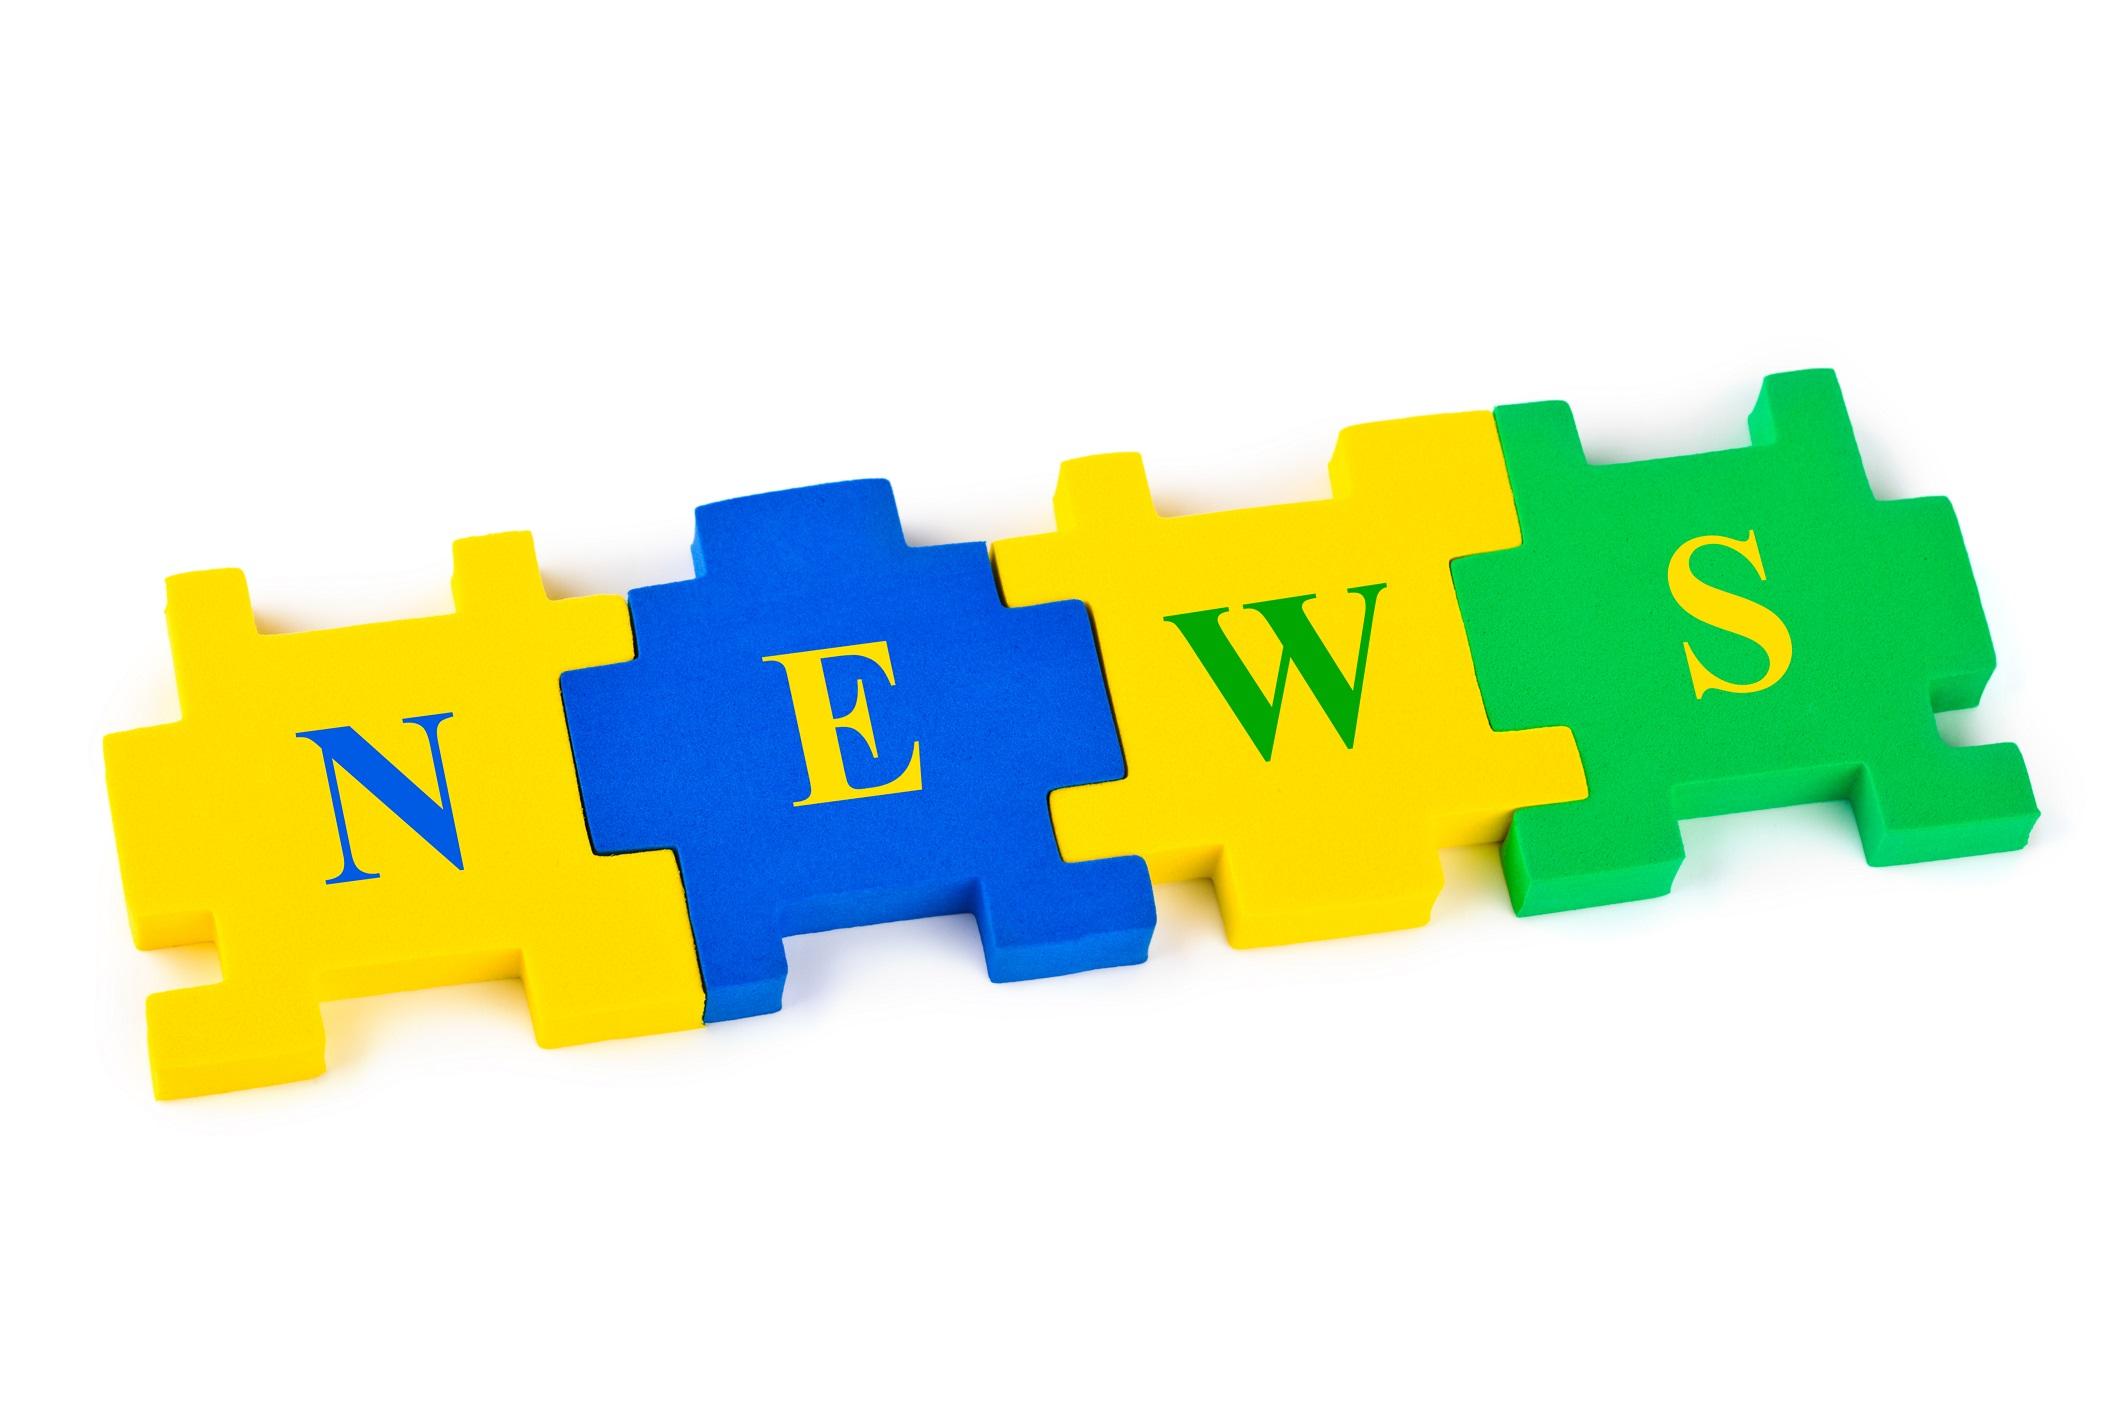 Ordet news bildas av färgglada pusselbitar.